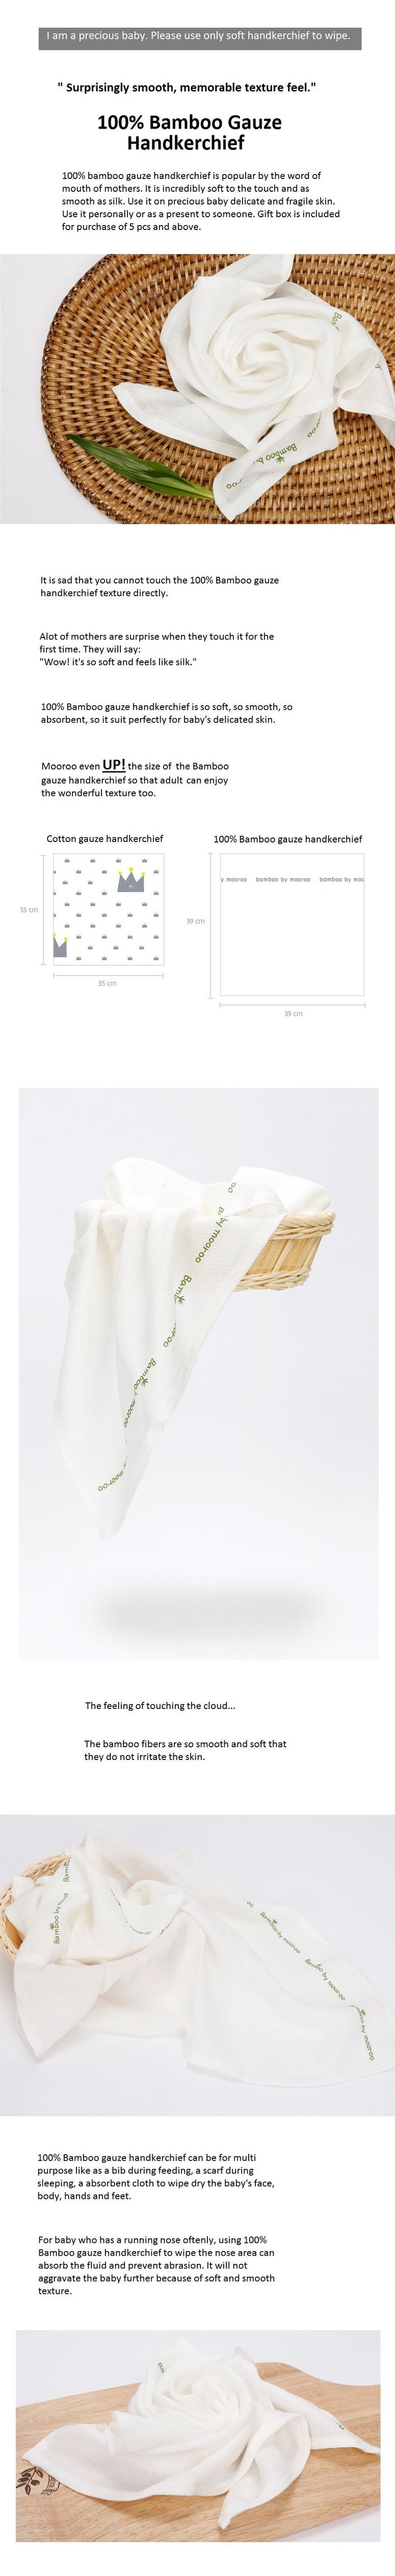 Bamboo Premium Handkerchief 1-1.jpg